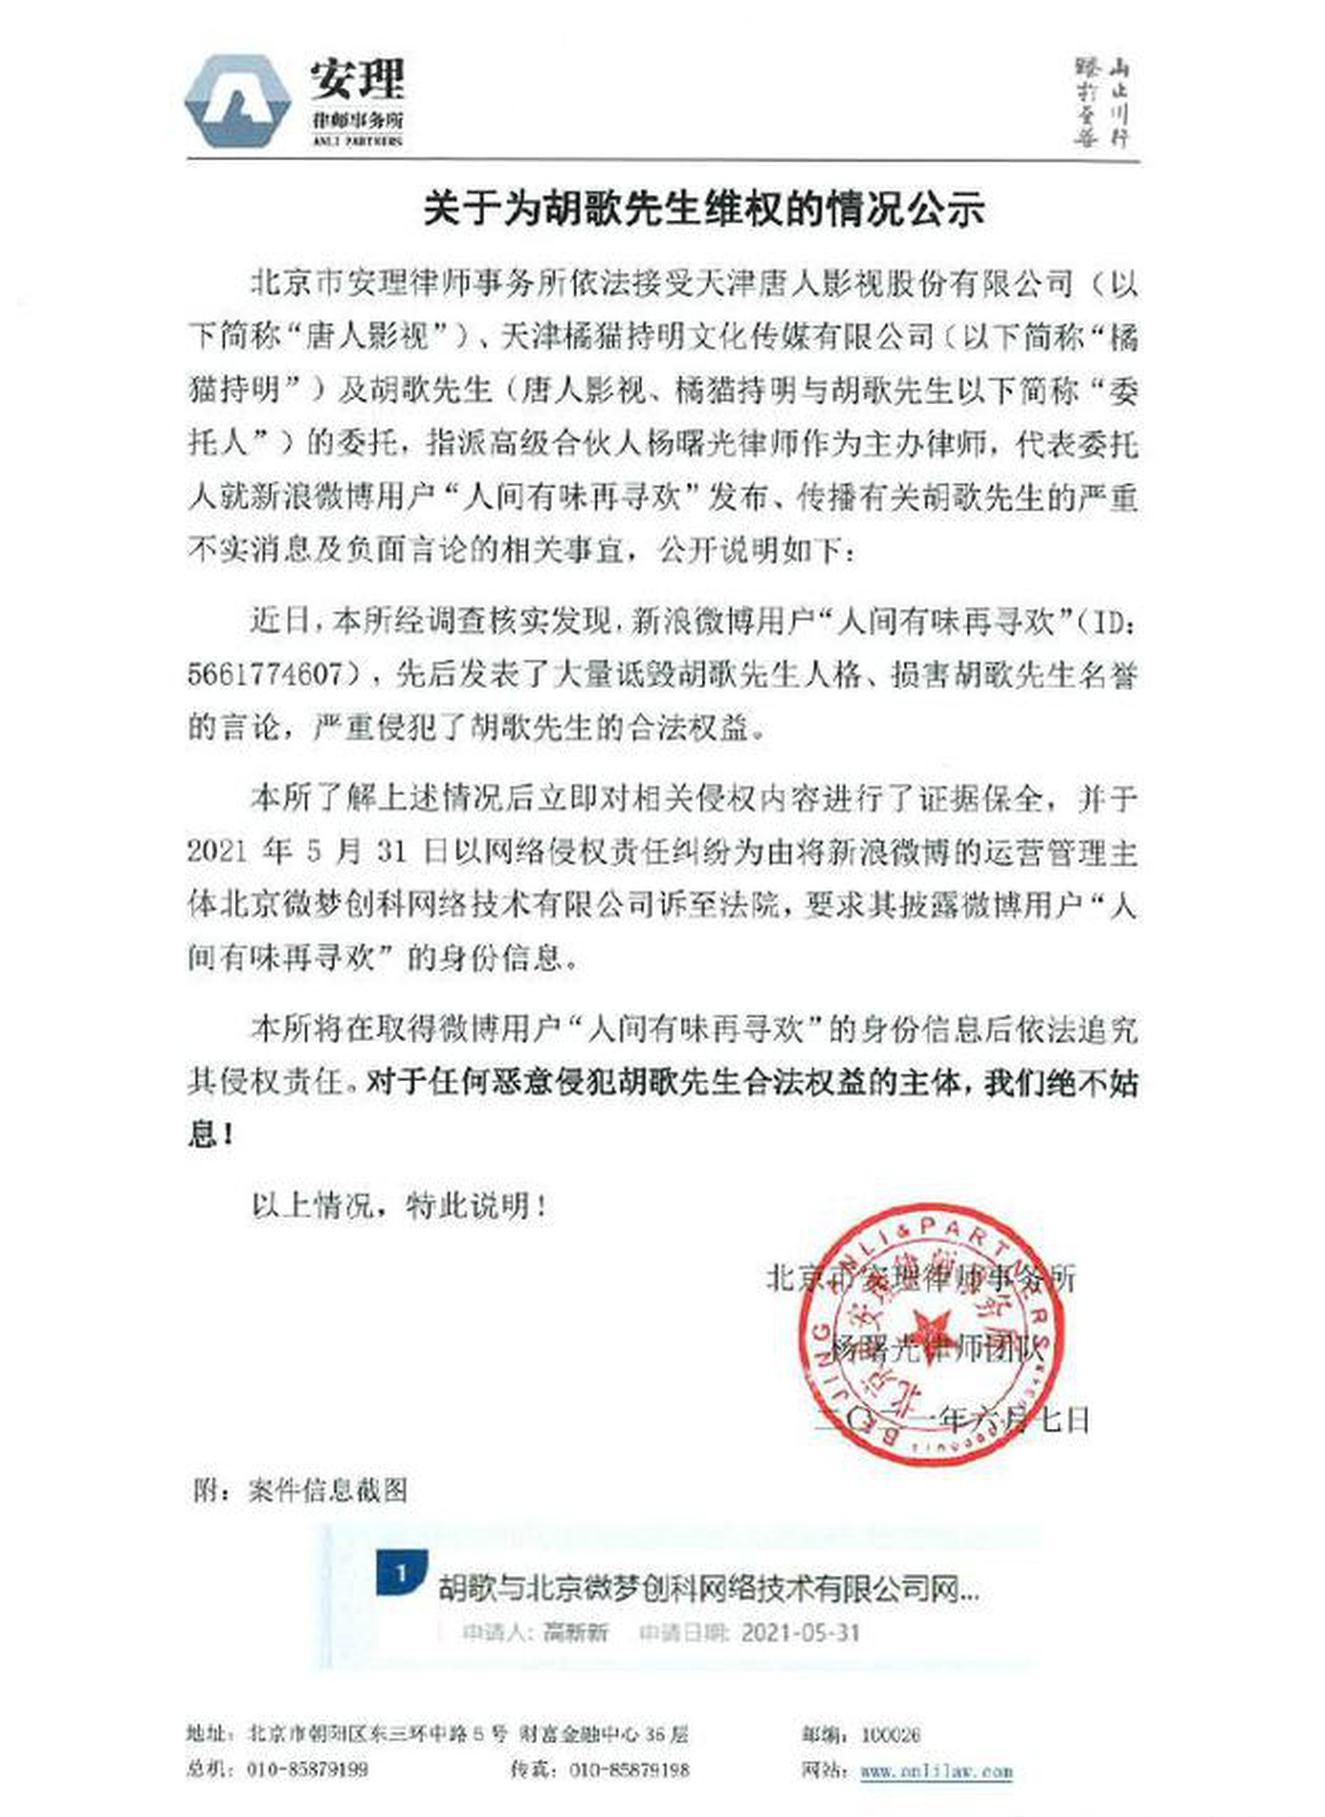 胡歌方起诉造谣者传播严重不实消息及负面言论